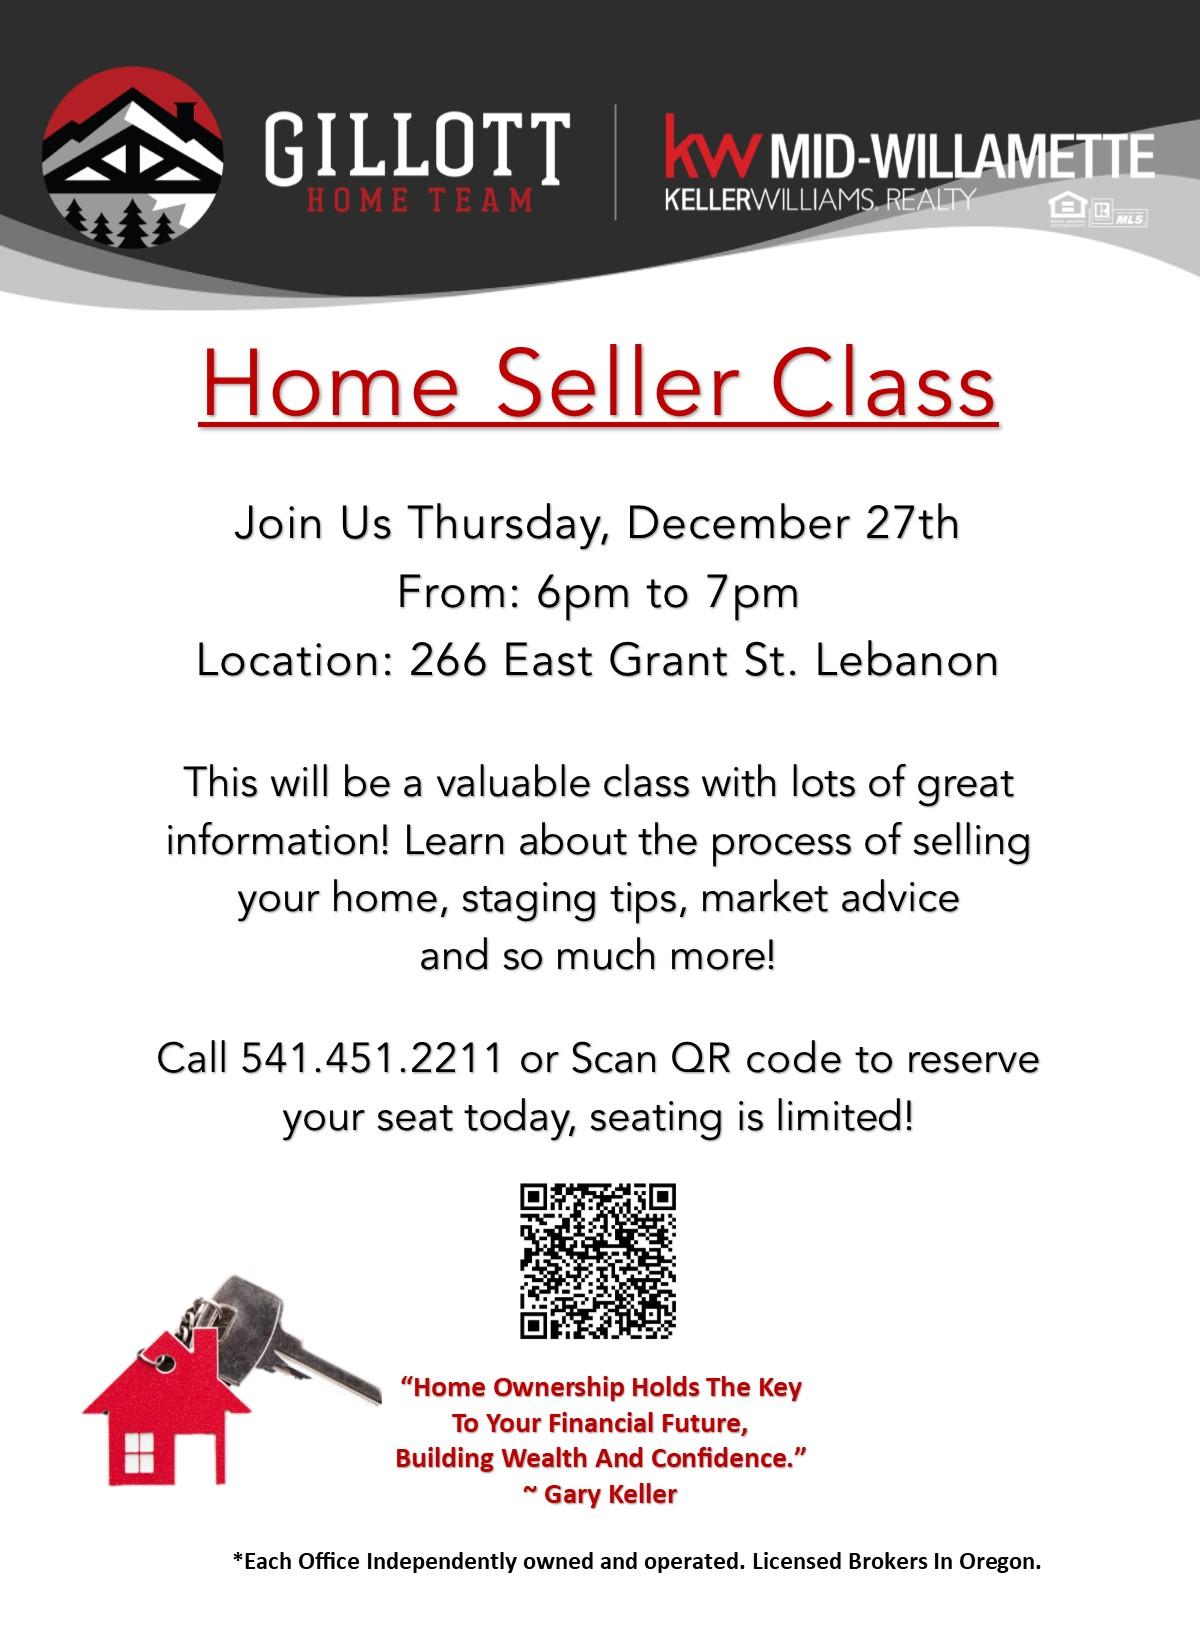 Home Seller Class Flyer.jpg